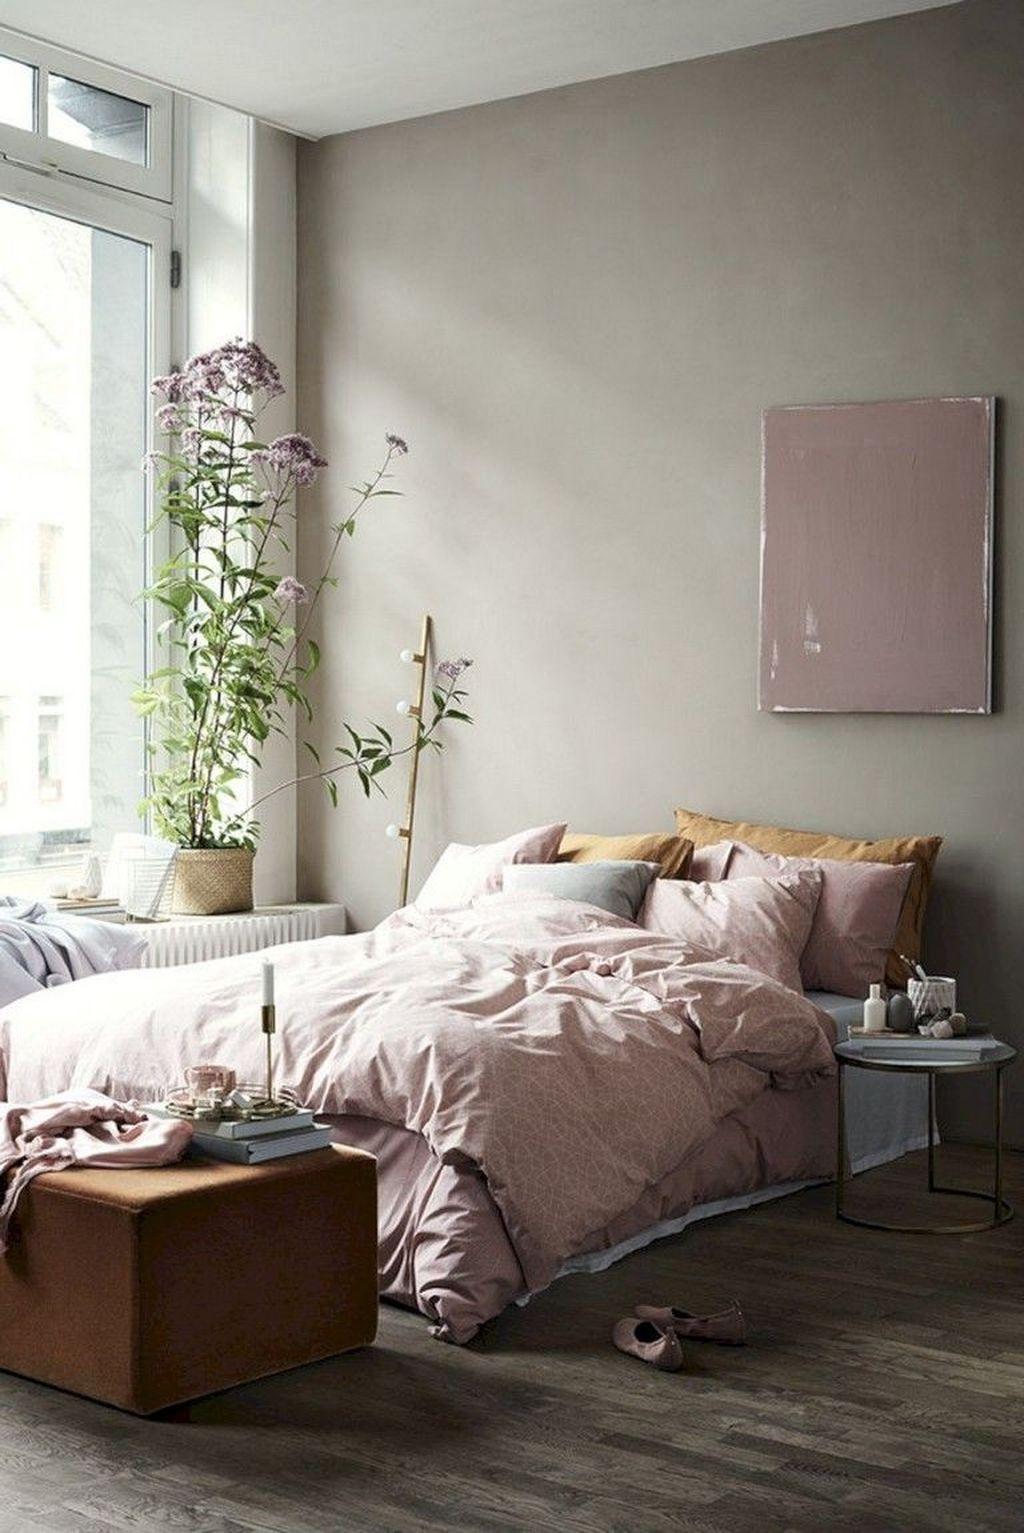 The Best Scandinavian Bedroom Interior Design Ideas 10